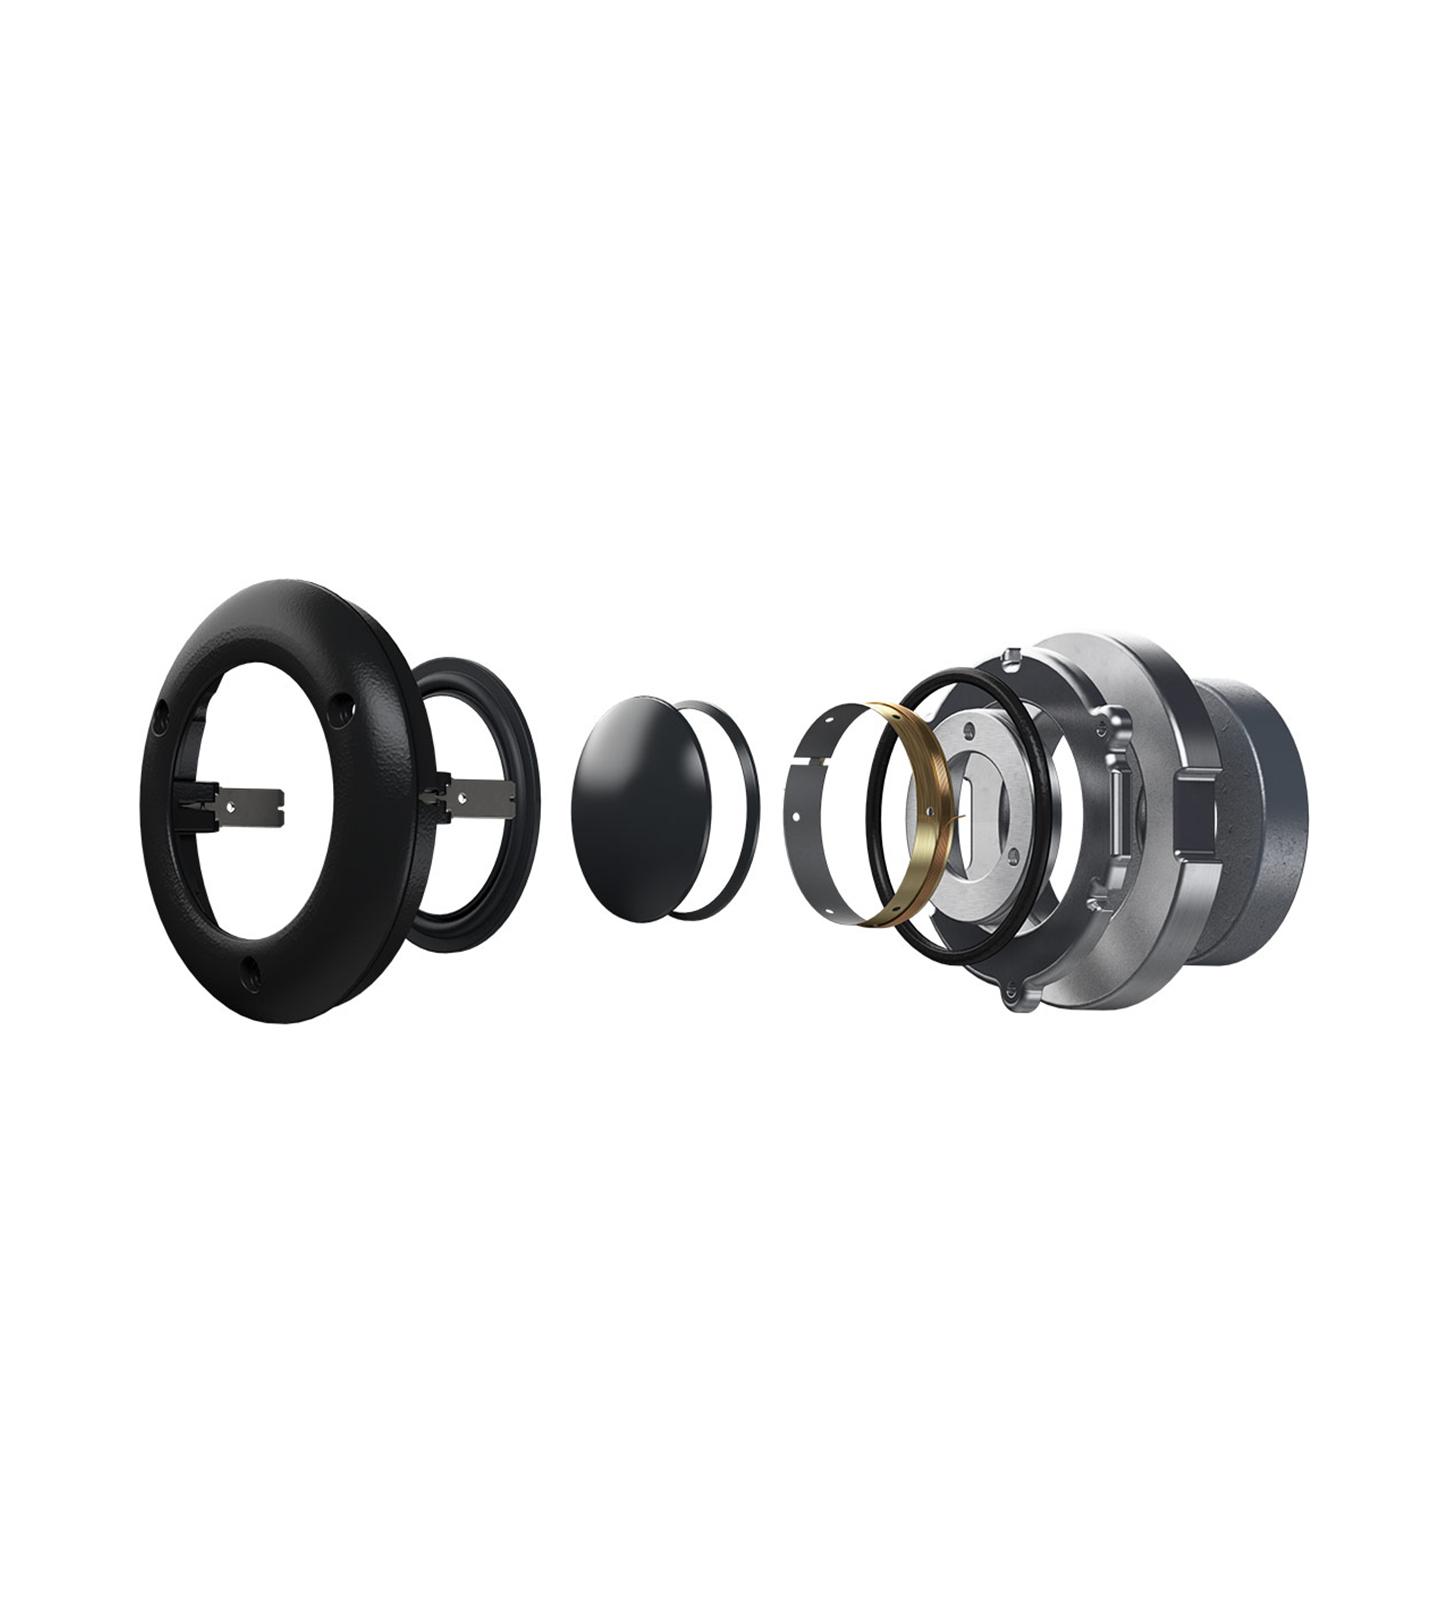 700-s2_series-diamond-speakers-continuum-cone_1